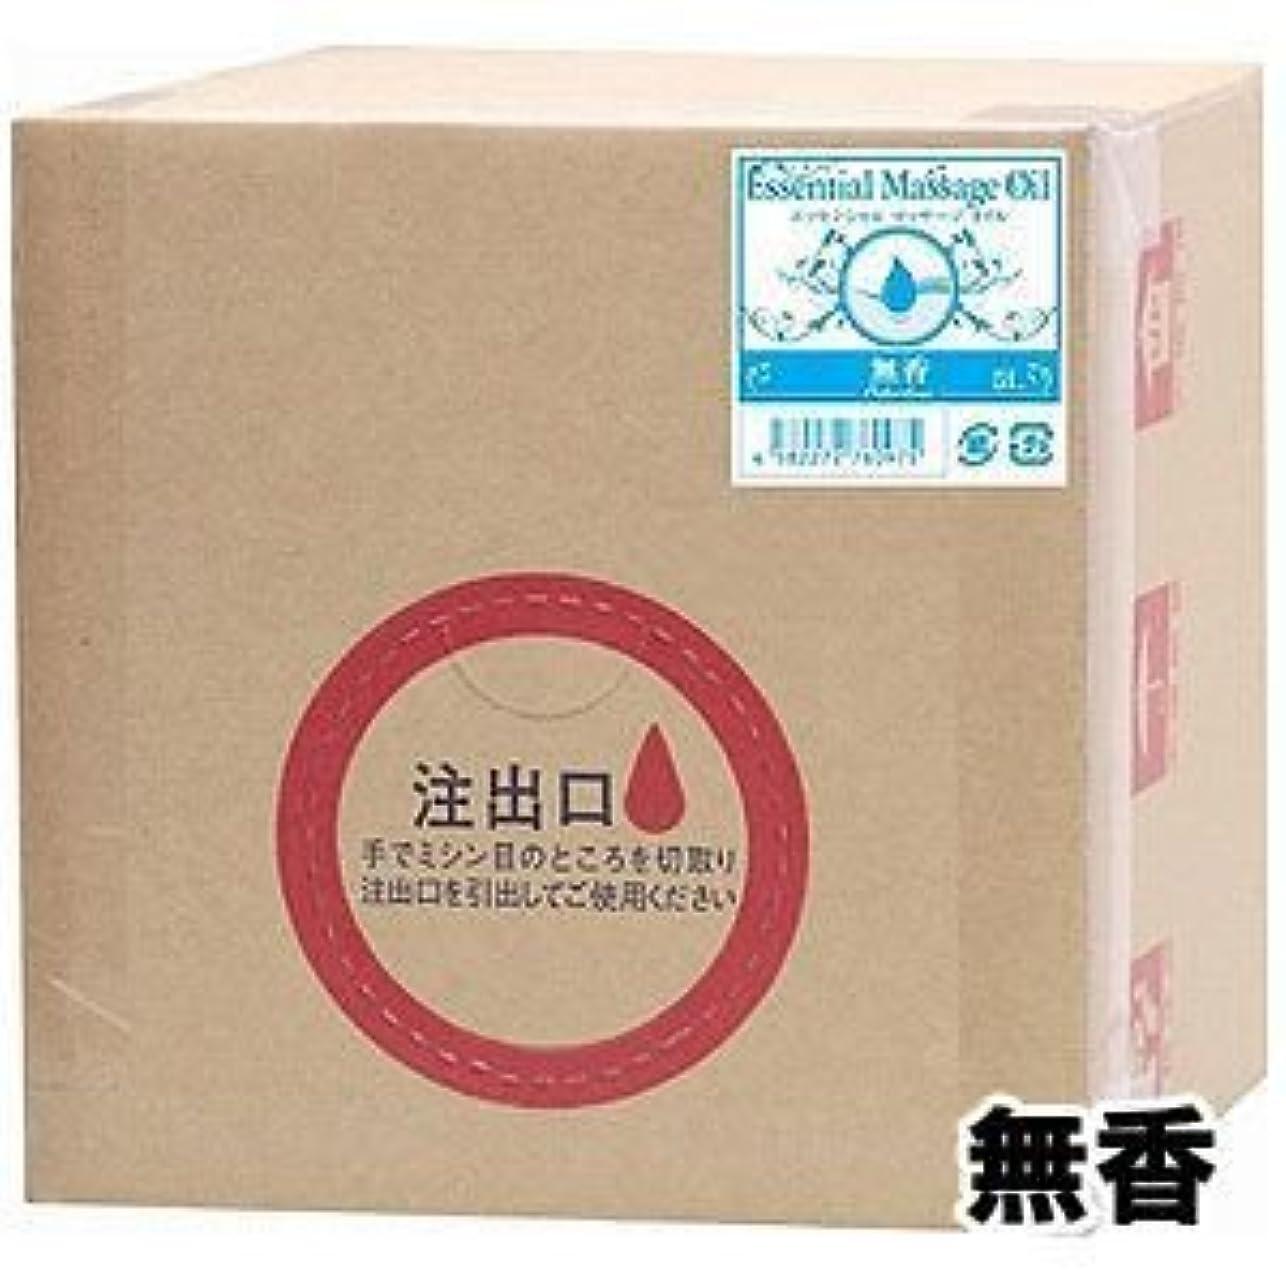 汚染された接ぎ木複製エッセンシャルマッサージオイル(5L) (ローズマリー[910]) - <容量は多めの5リットル!>